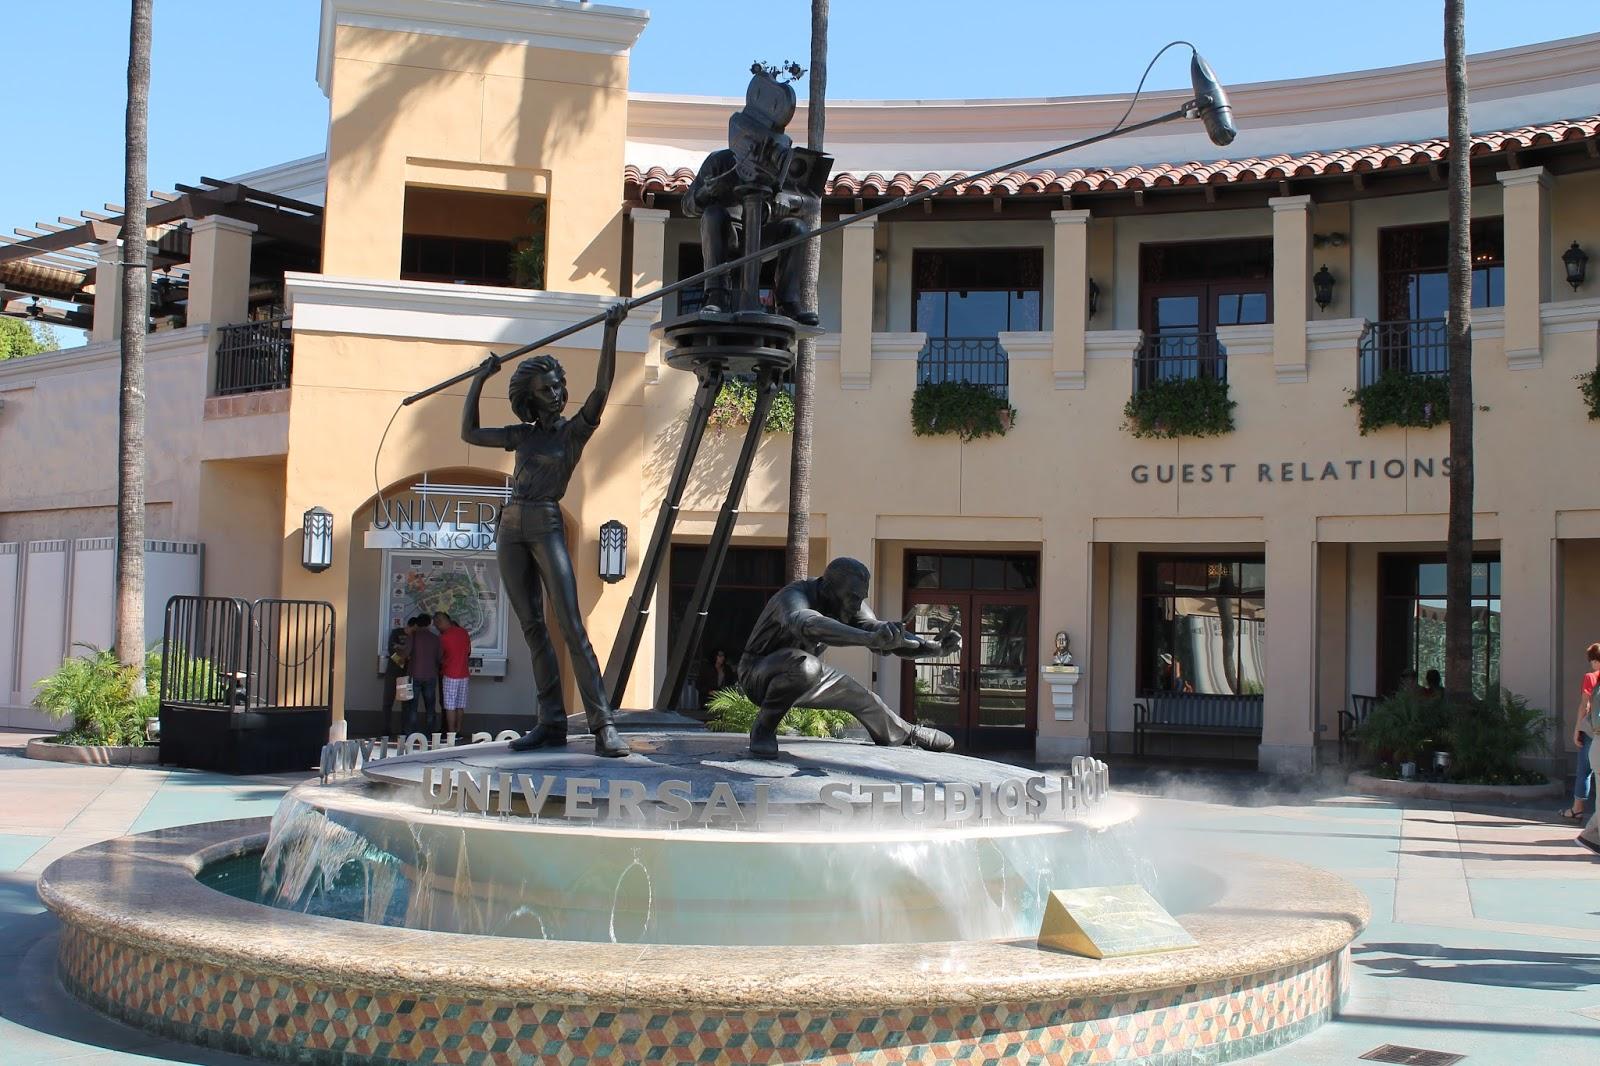 USA états unis amérique vacance transat roadtrip ouest américain universal studios fontaine